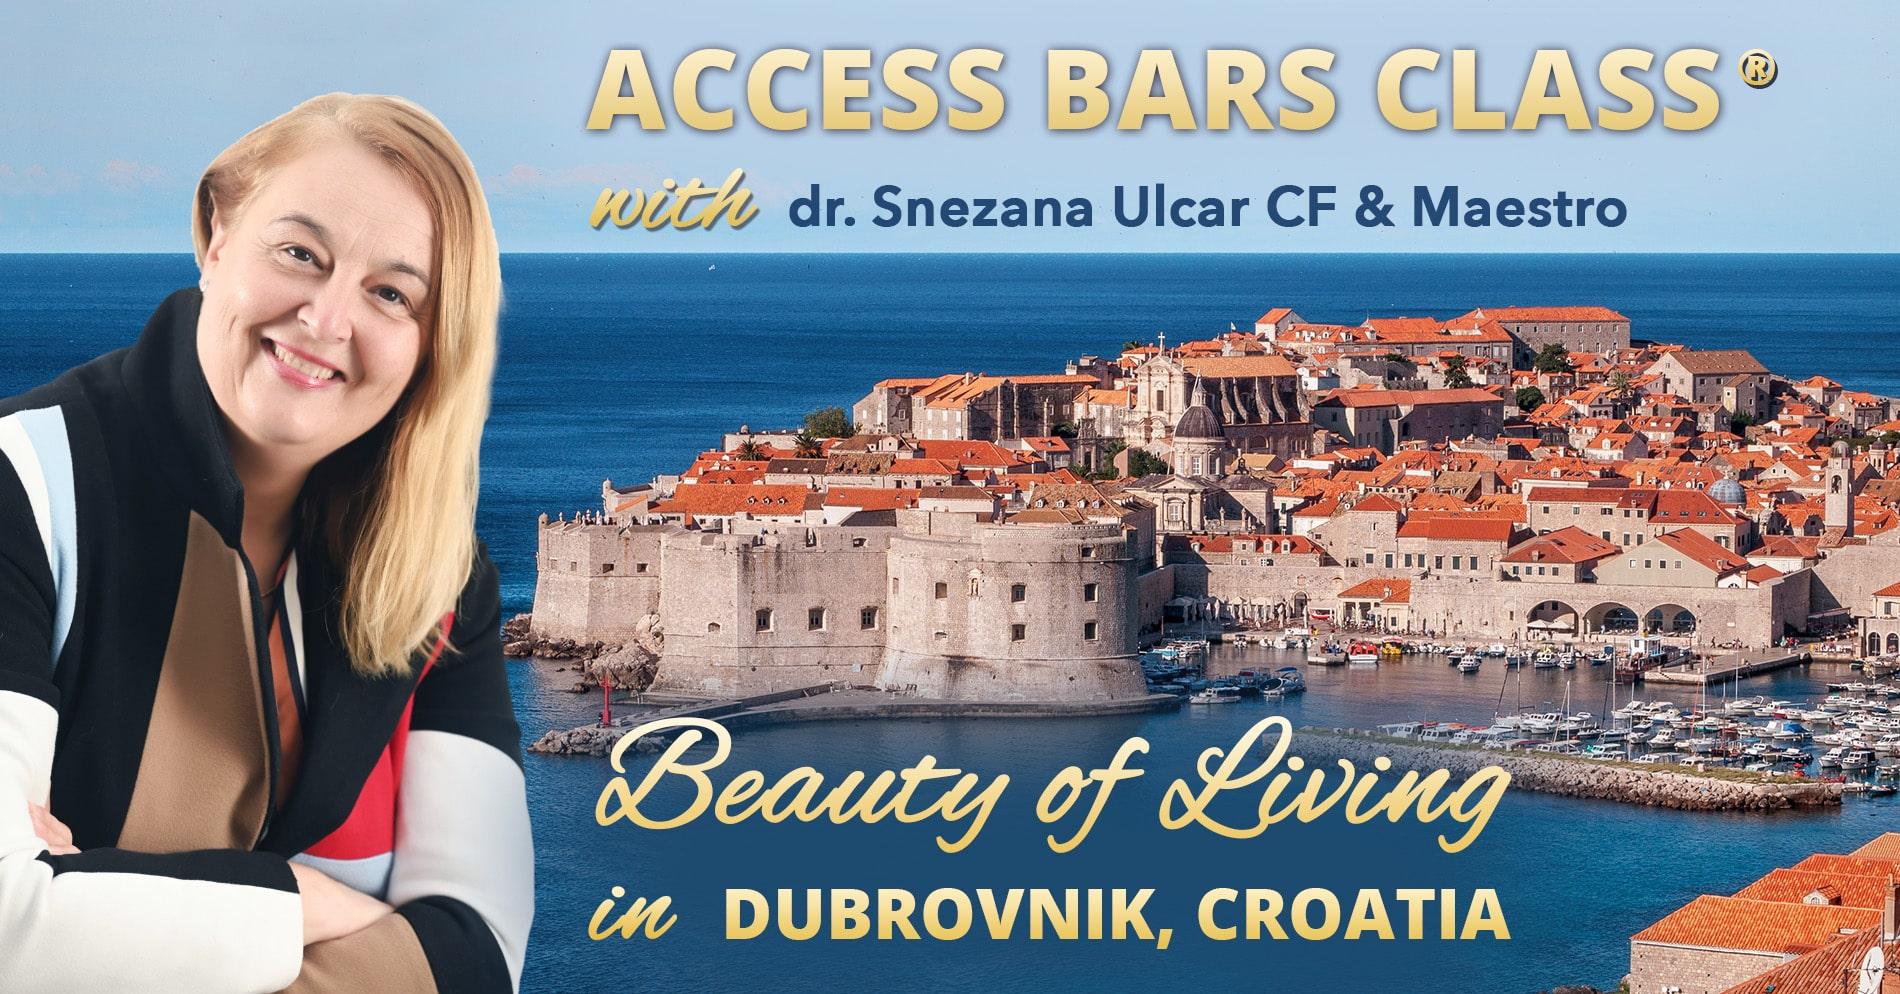 Access Bars delavnica s Snežo Ulčar, dr. med., v Dubrovniku na Hrvaškem